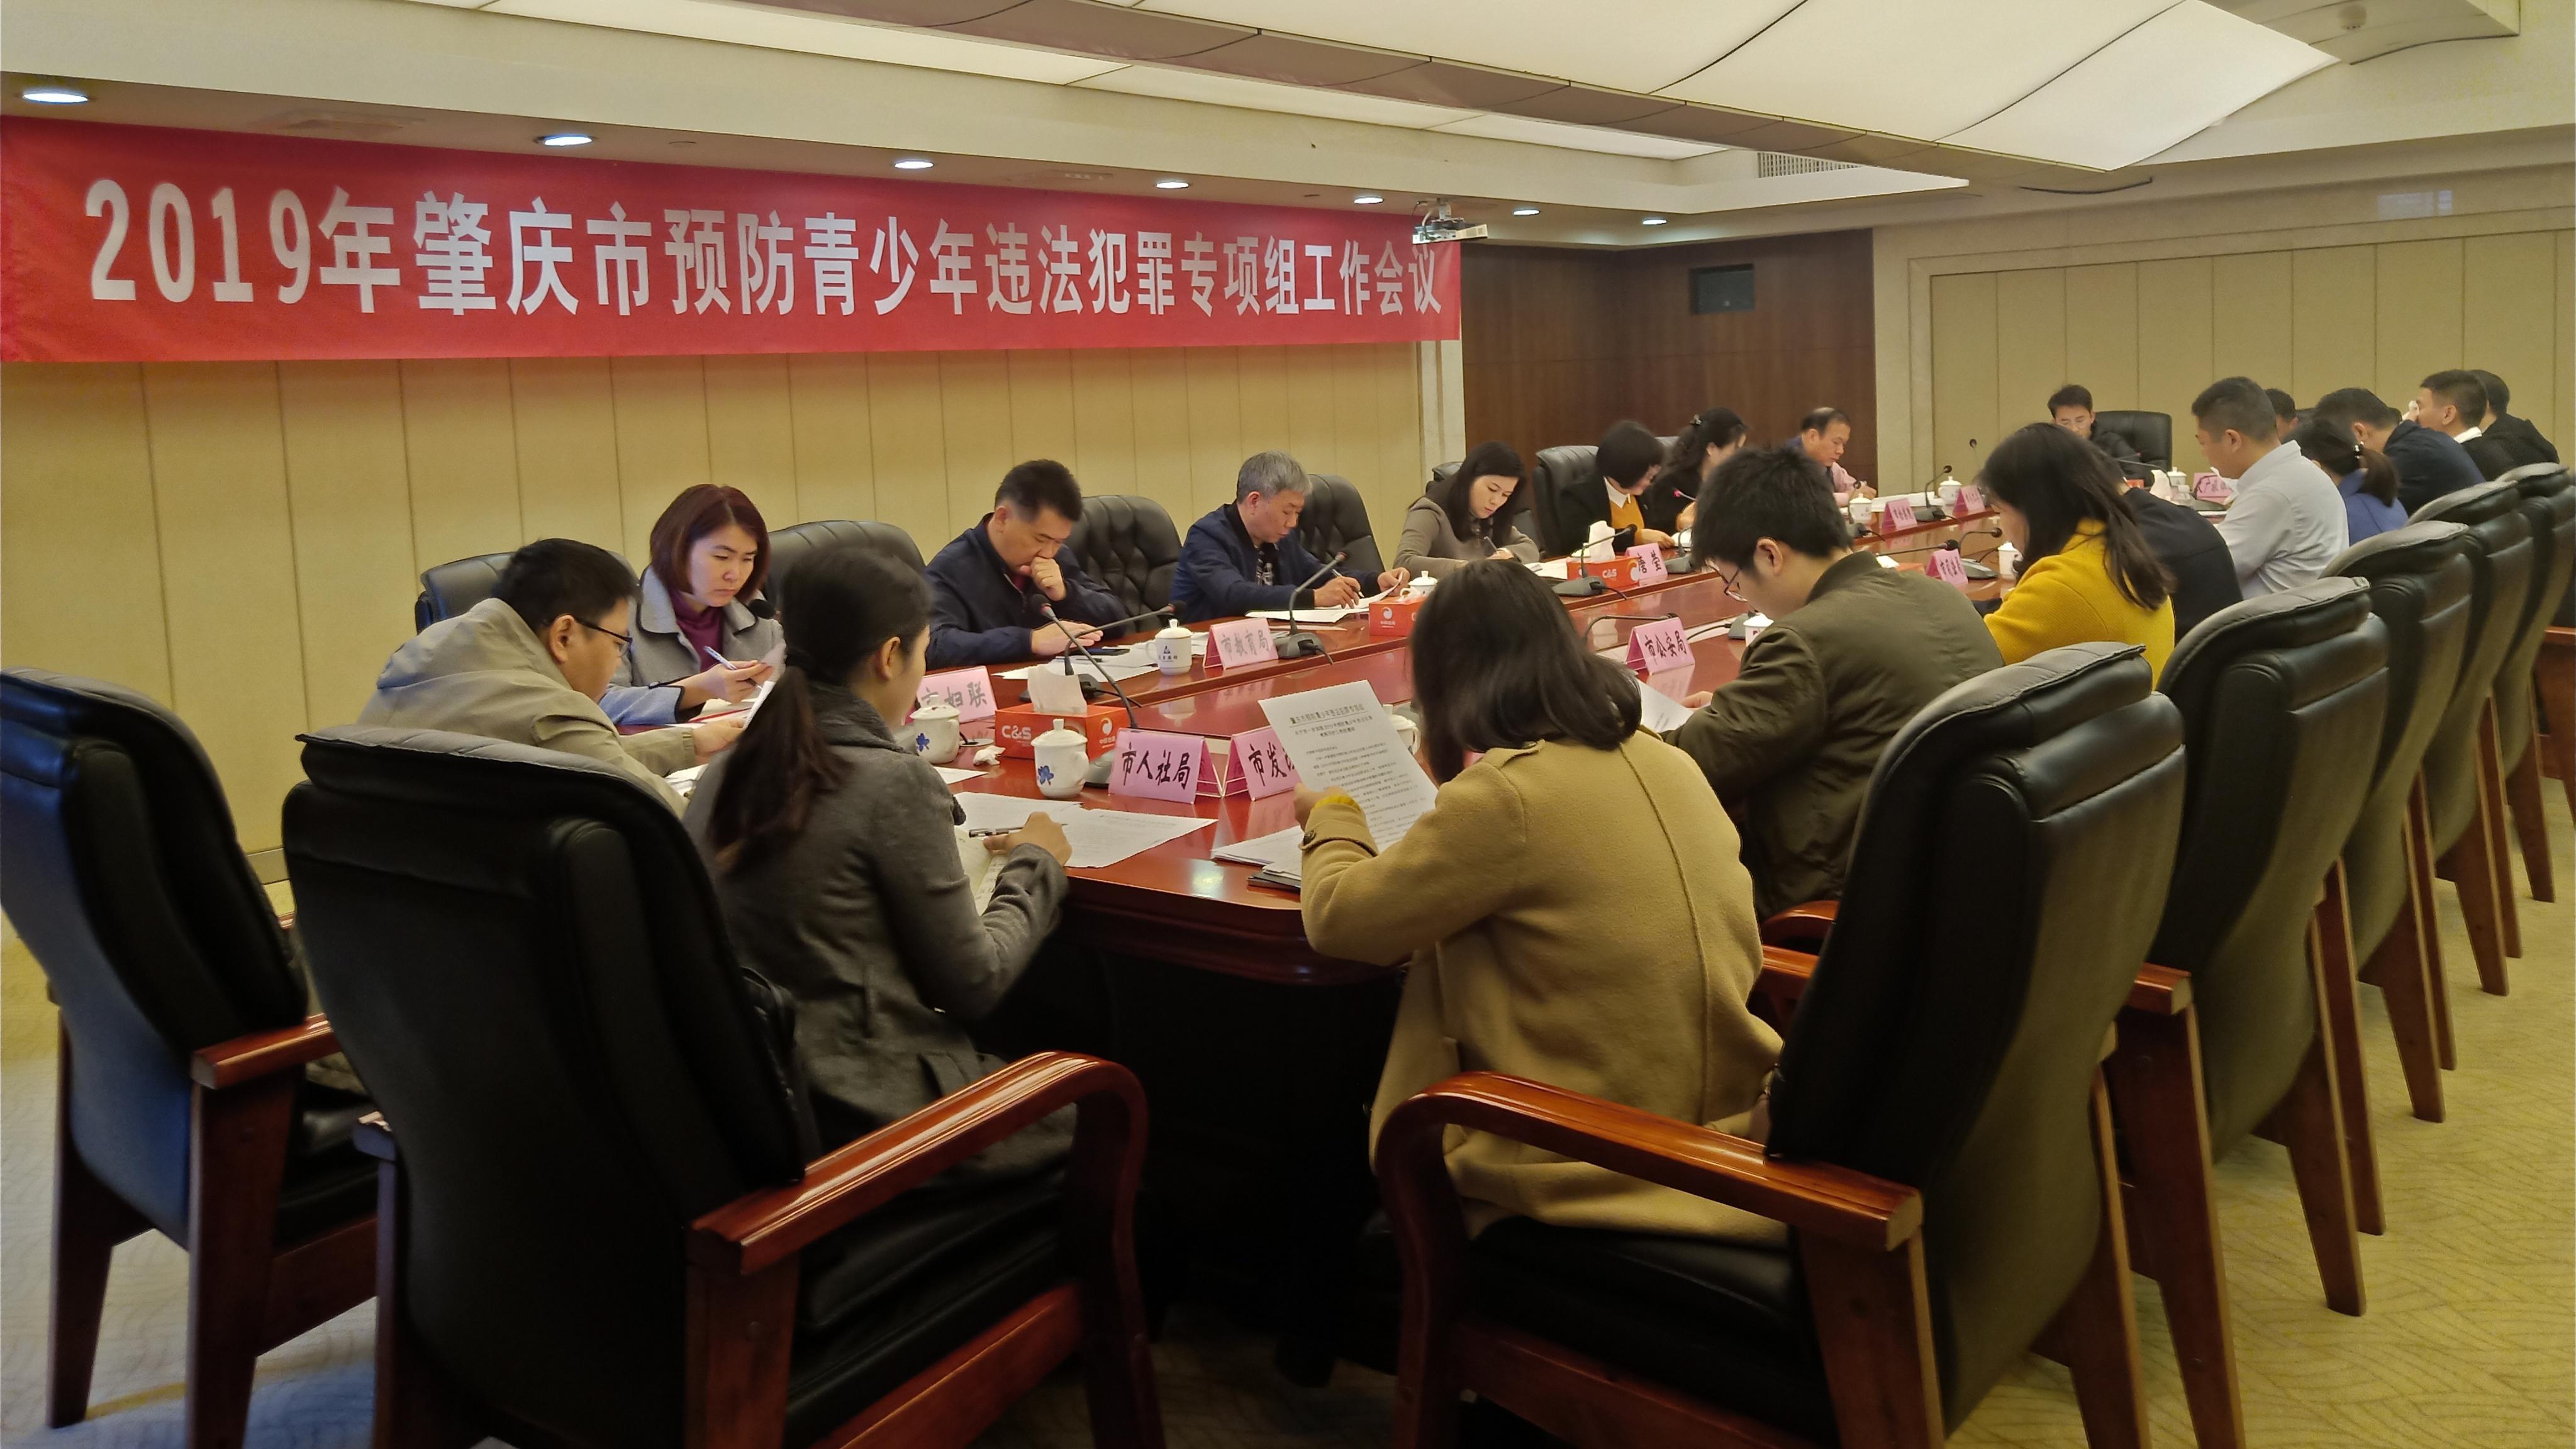 2019年肇庆市预防青少年违法犯罪专项组工作会议